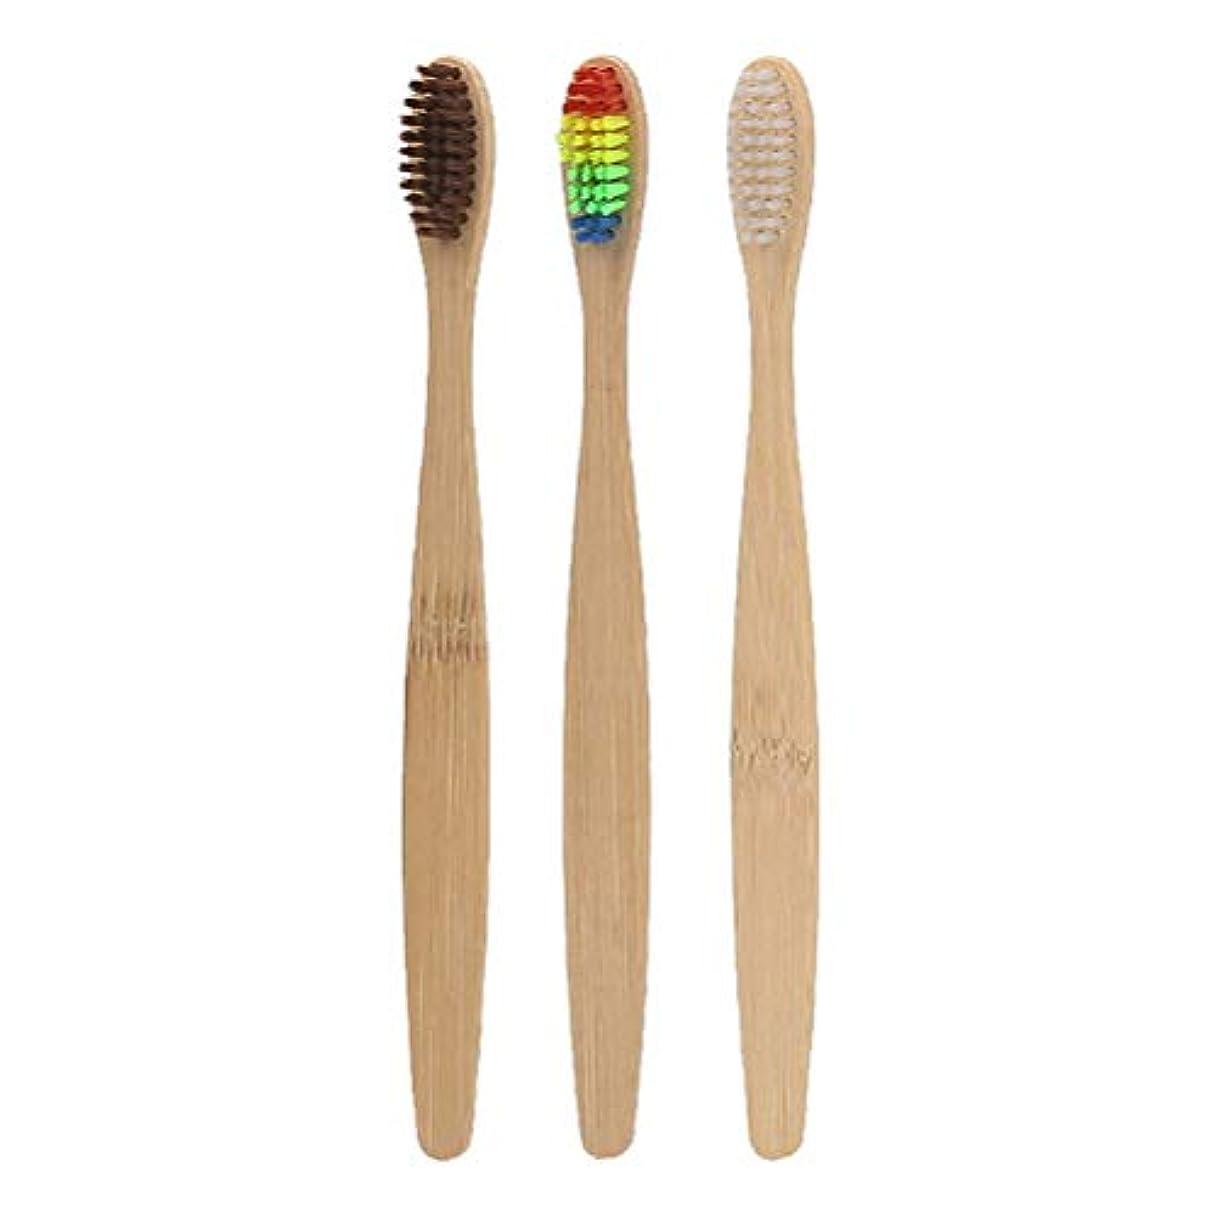 発表ベギンオーブンHealifty 環境に優しい竹製の歯ブラシ3本の柔らかい環境に優しい竹製の歯ブラシ男性用女性